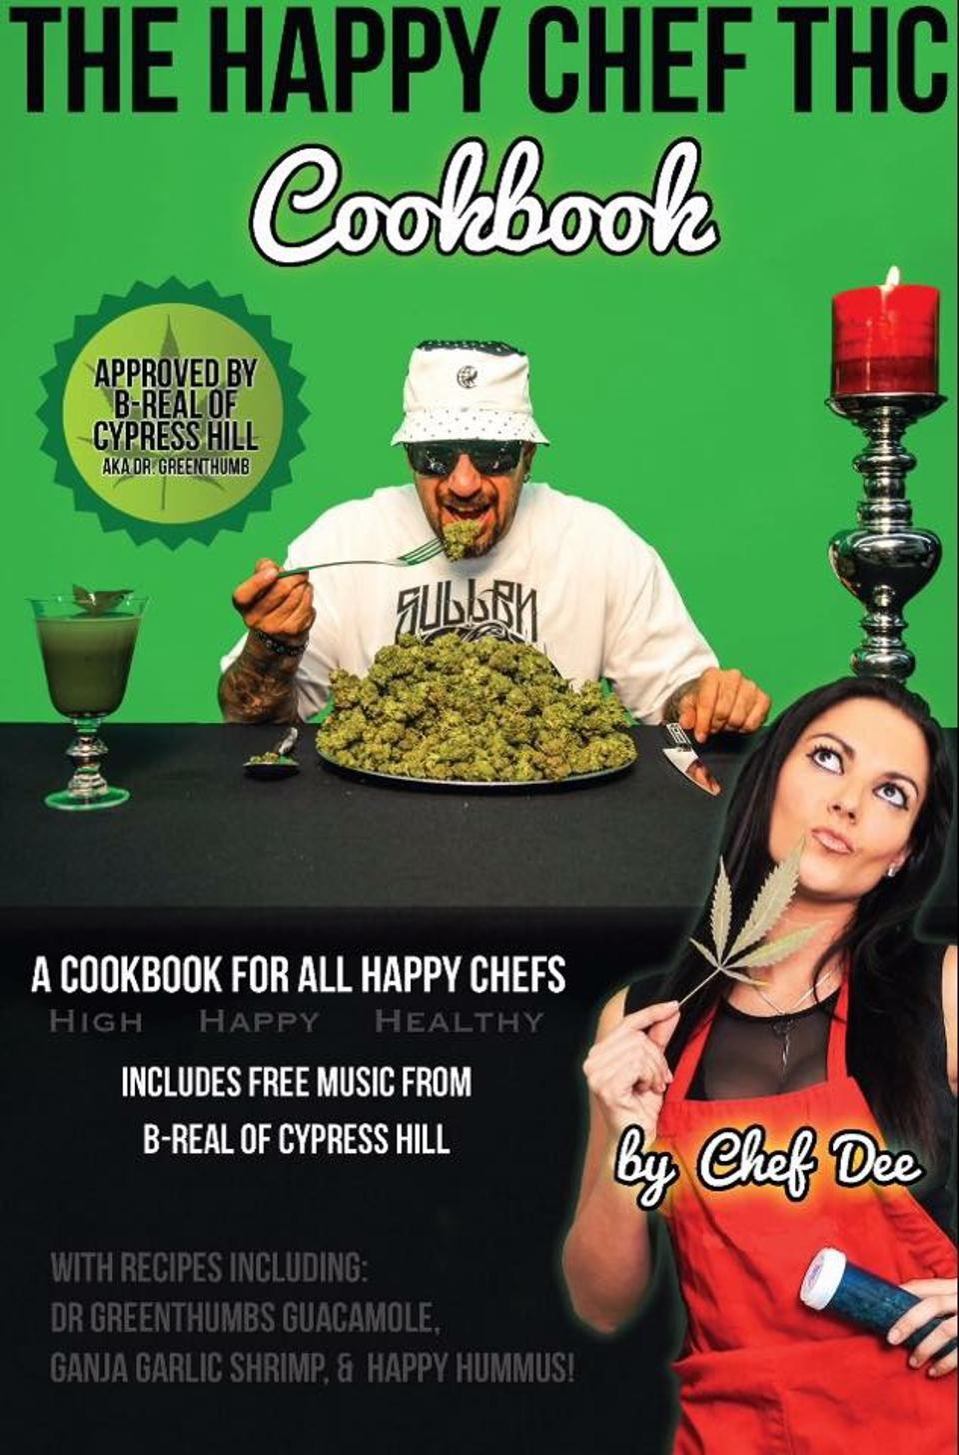 A Happy Chef THC szakácskönyve